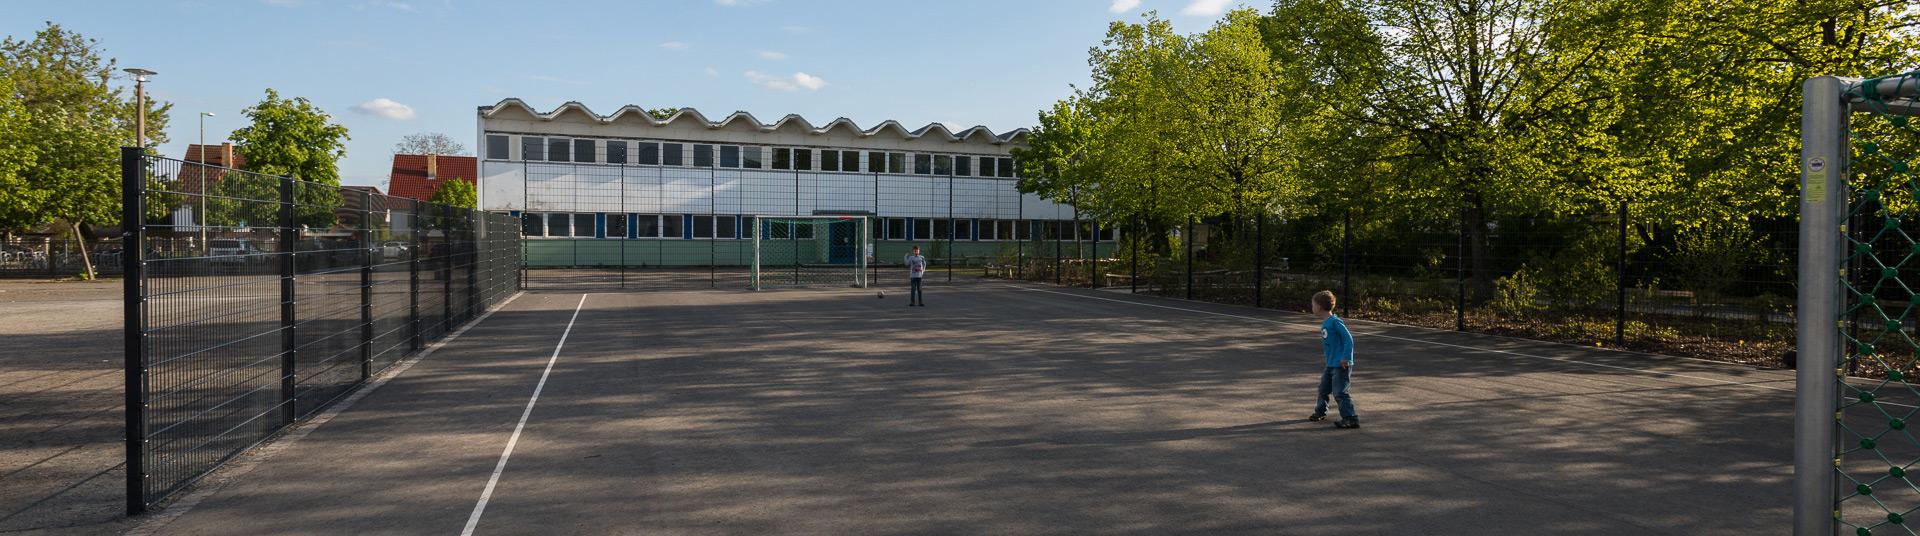 Fußballplatz mit zwei spielenden Kindern